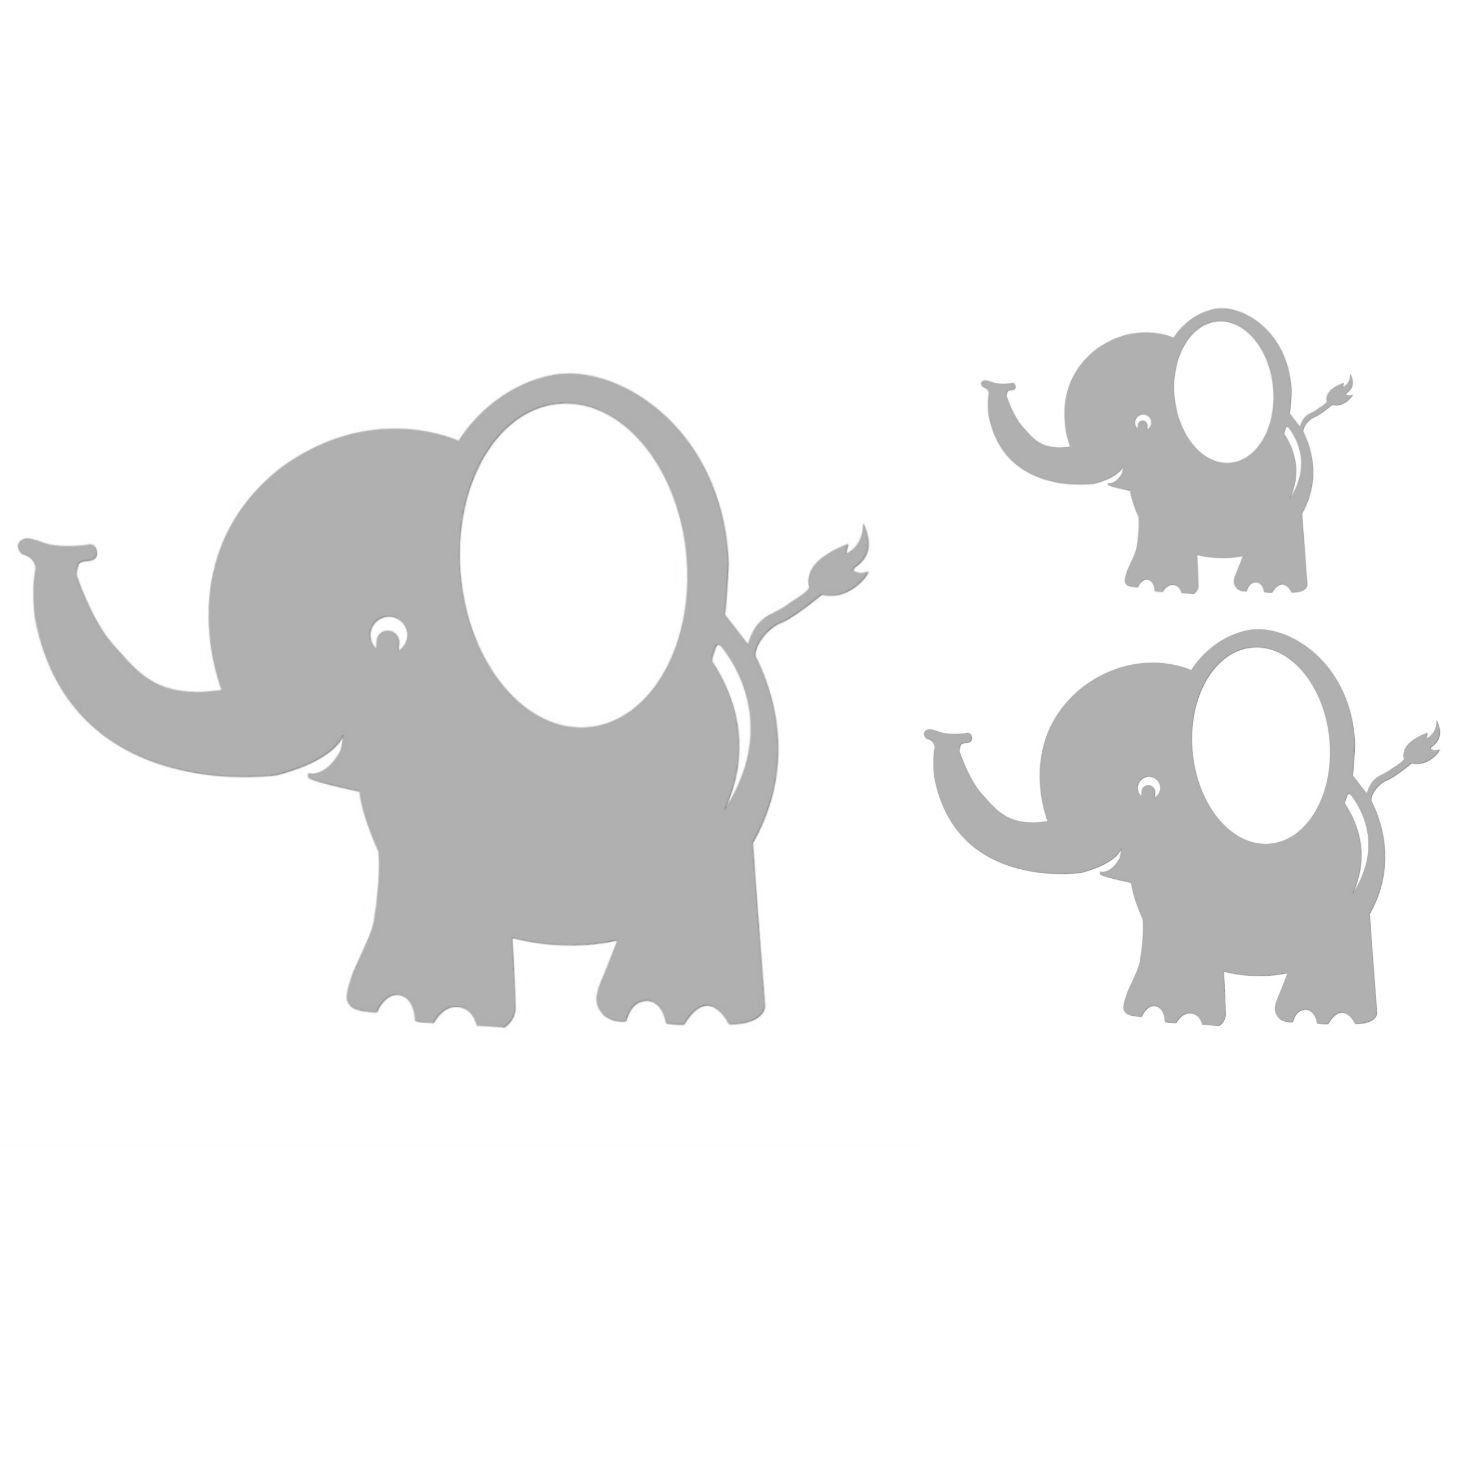 Aliexpresscom Buy Bobee Baby Elephant Wall Decals For Kids Room - Elephant wall decalsamazoncom elephant bubbles wall decal nursery decor baby